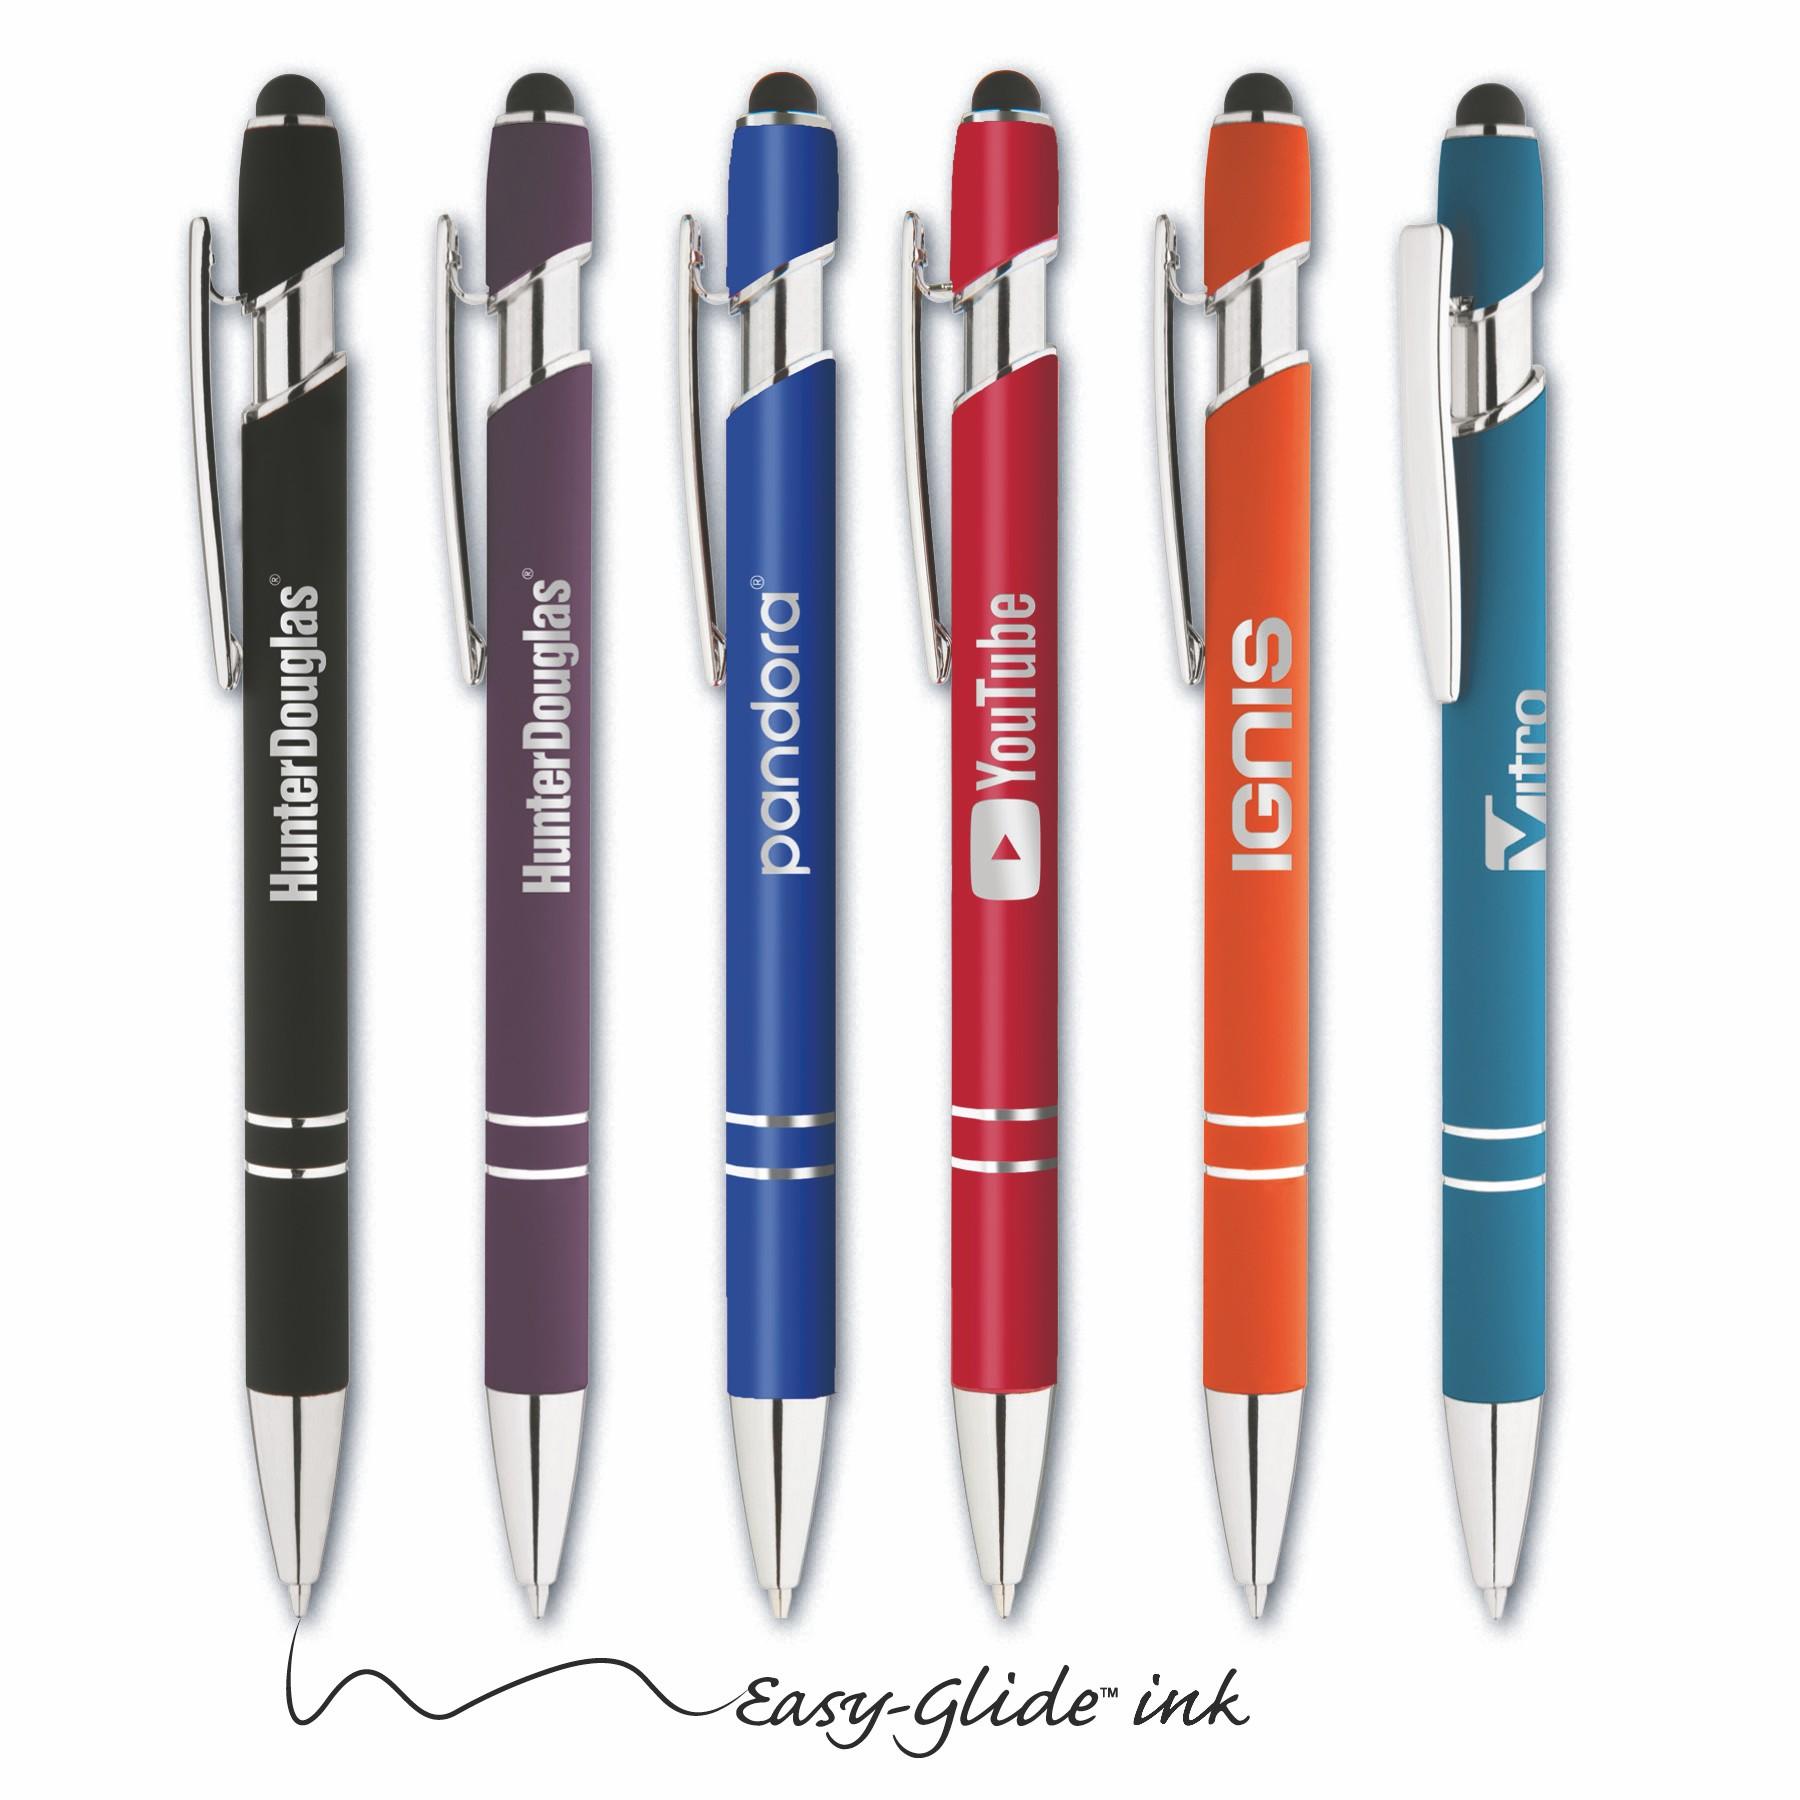 Parisian™ Soft Touch Stylus Pen